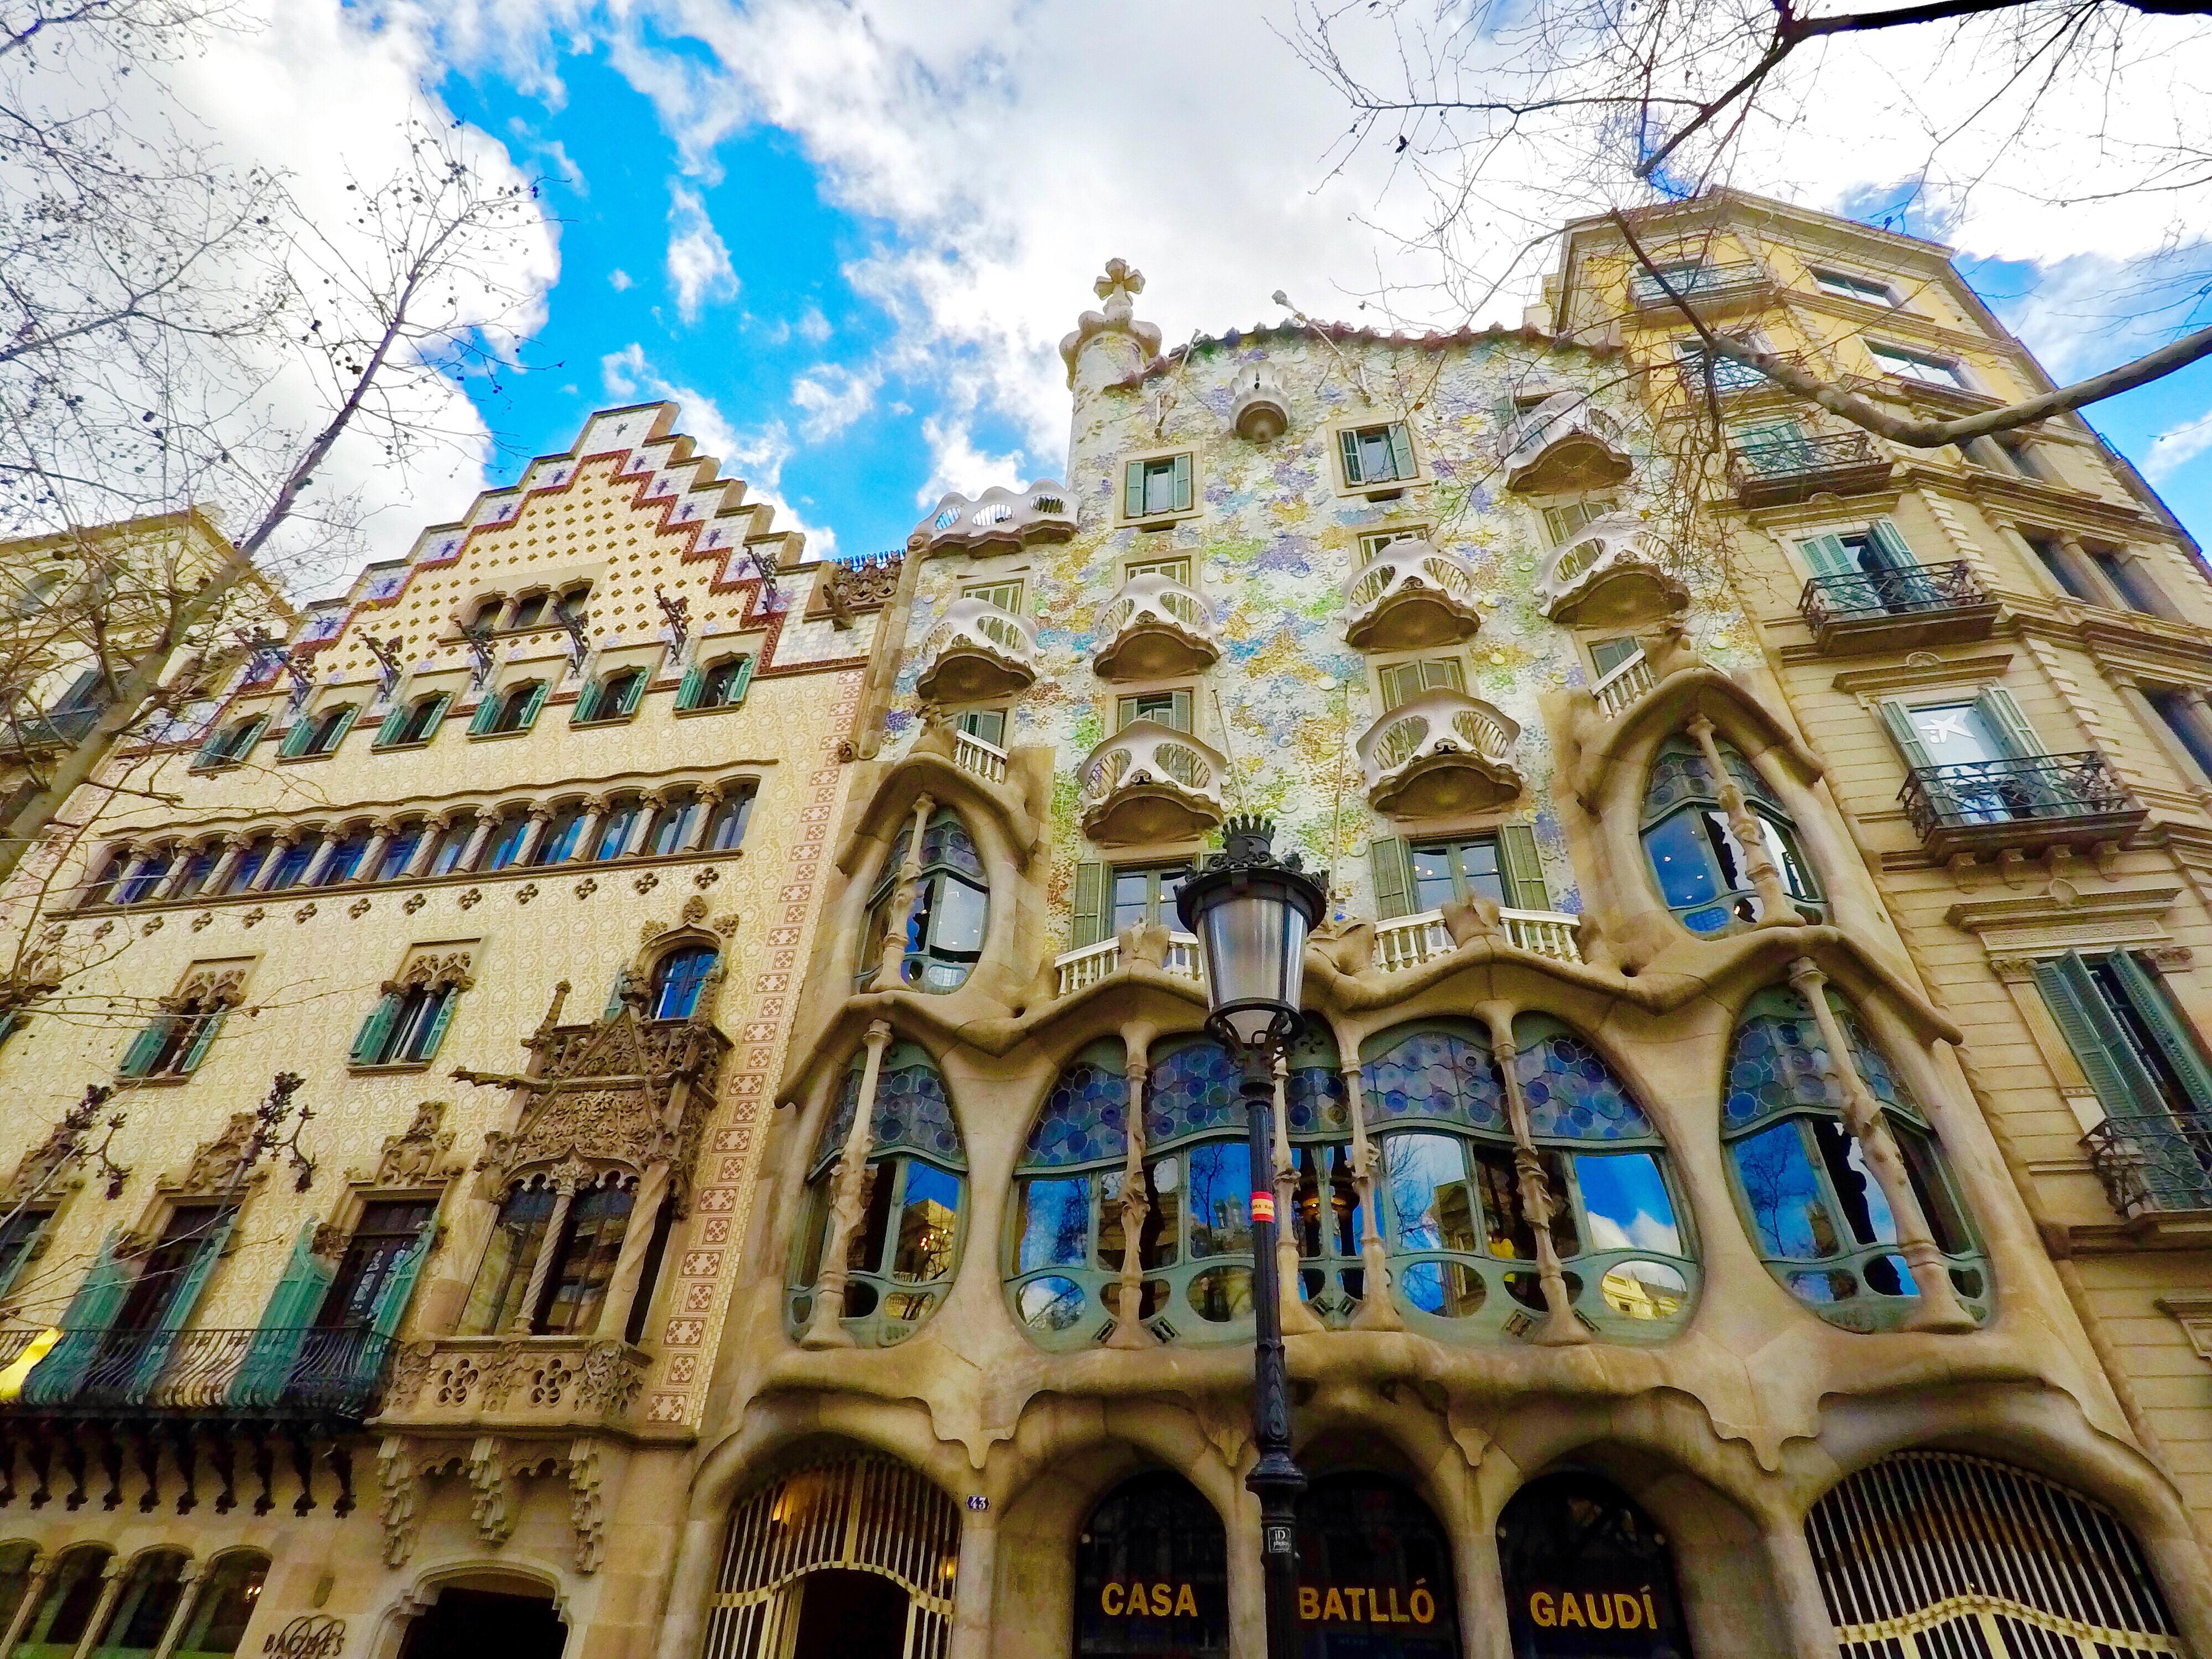 【バルセロナ】アントニ・ガウディの歴史と建築を巡る【観光】